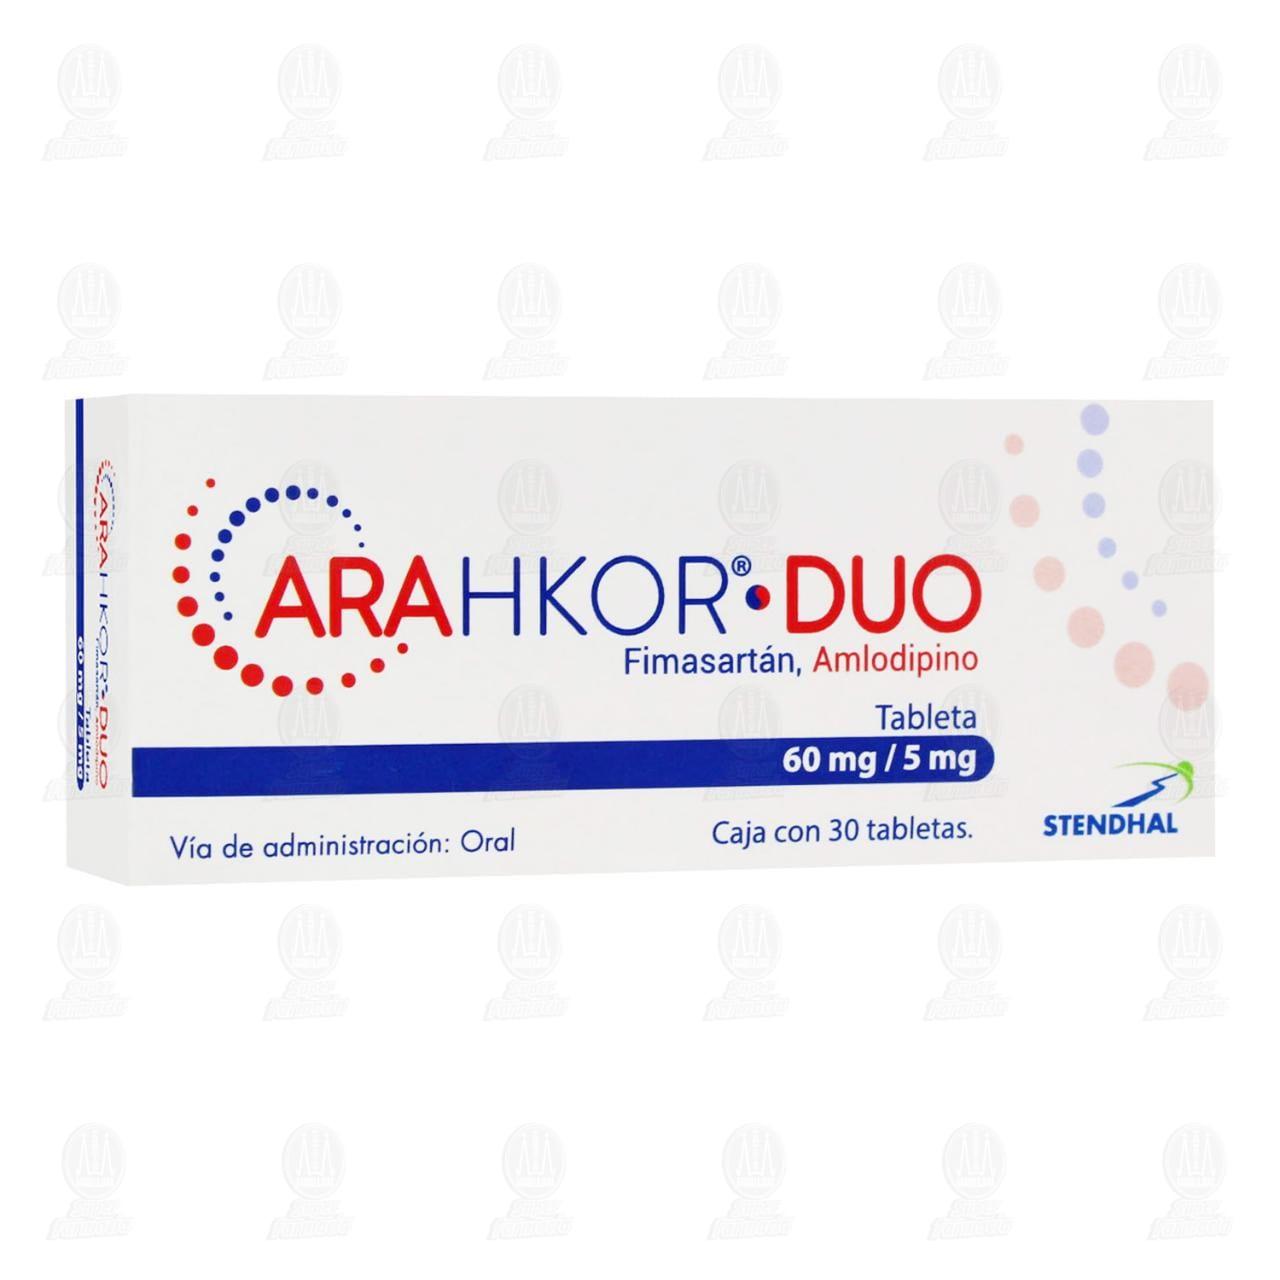 Comprar Arahkor Duo 60mg/5mg 30 Tabletas en Farmacias Guadalajara